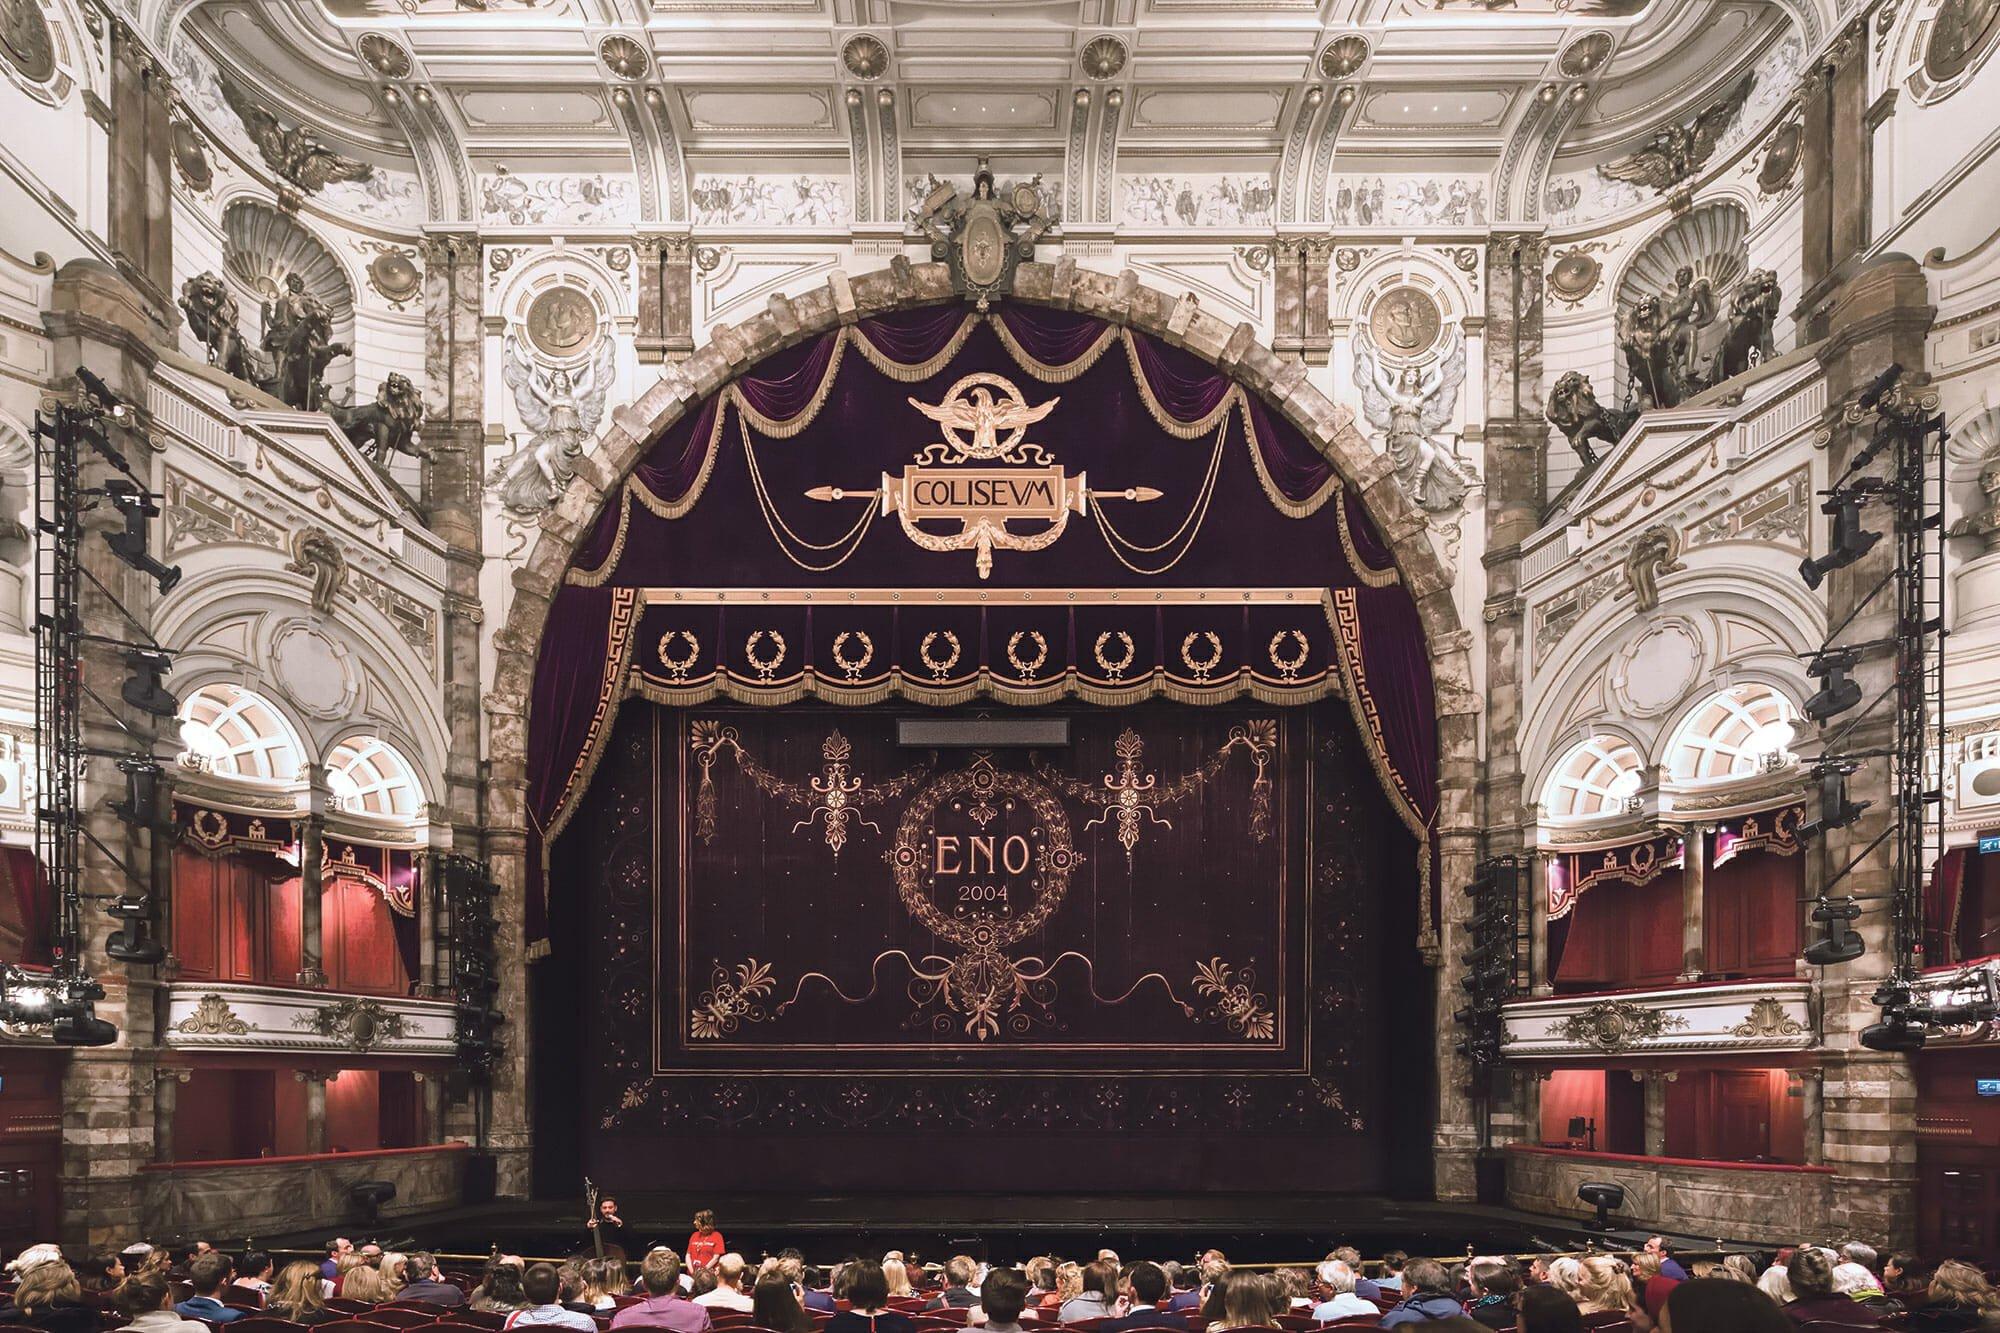 London Coliseum cheap theatre tickets